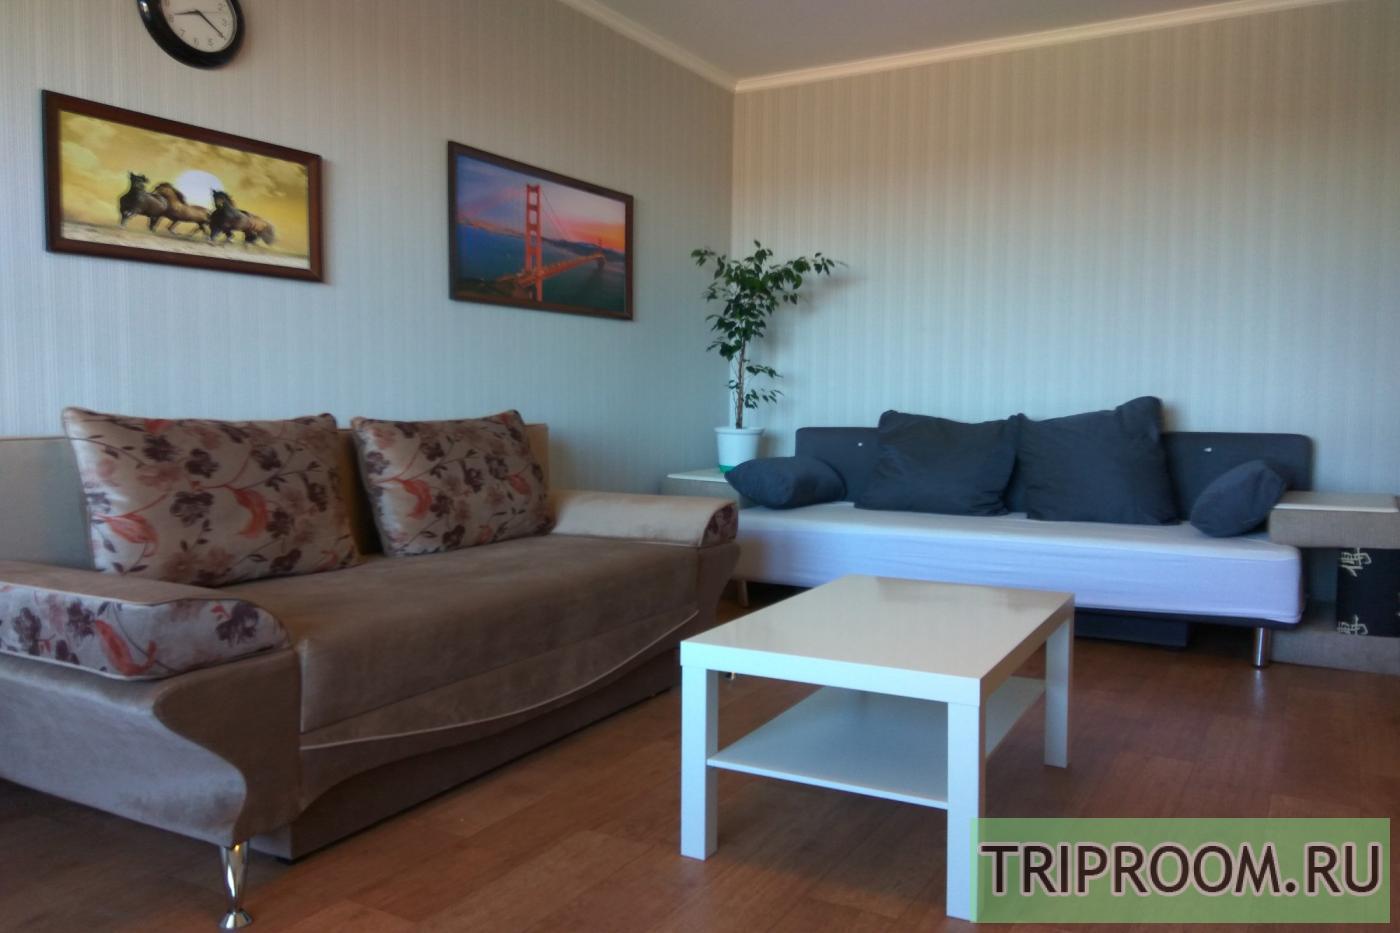 2-комнатная квартира посуточно (вариант № 6973), ул. Авиационная улица, фото № 3